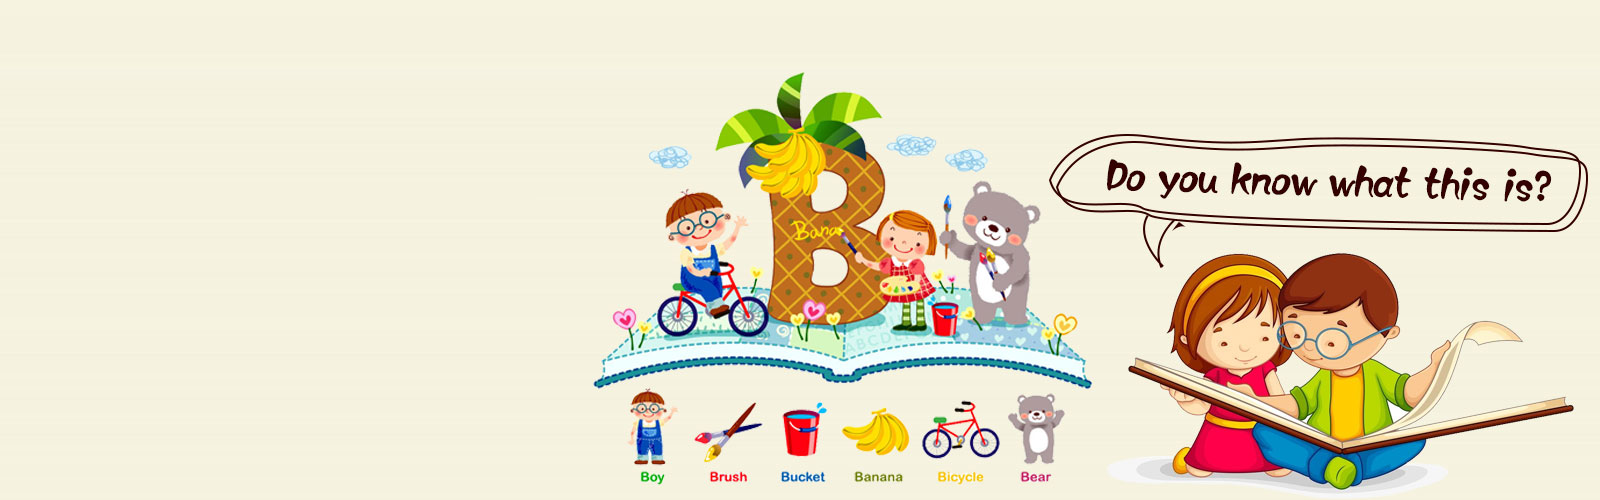 昆明幼儿英语培训学校以母语般的方式教幼少儿英语